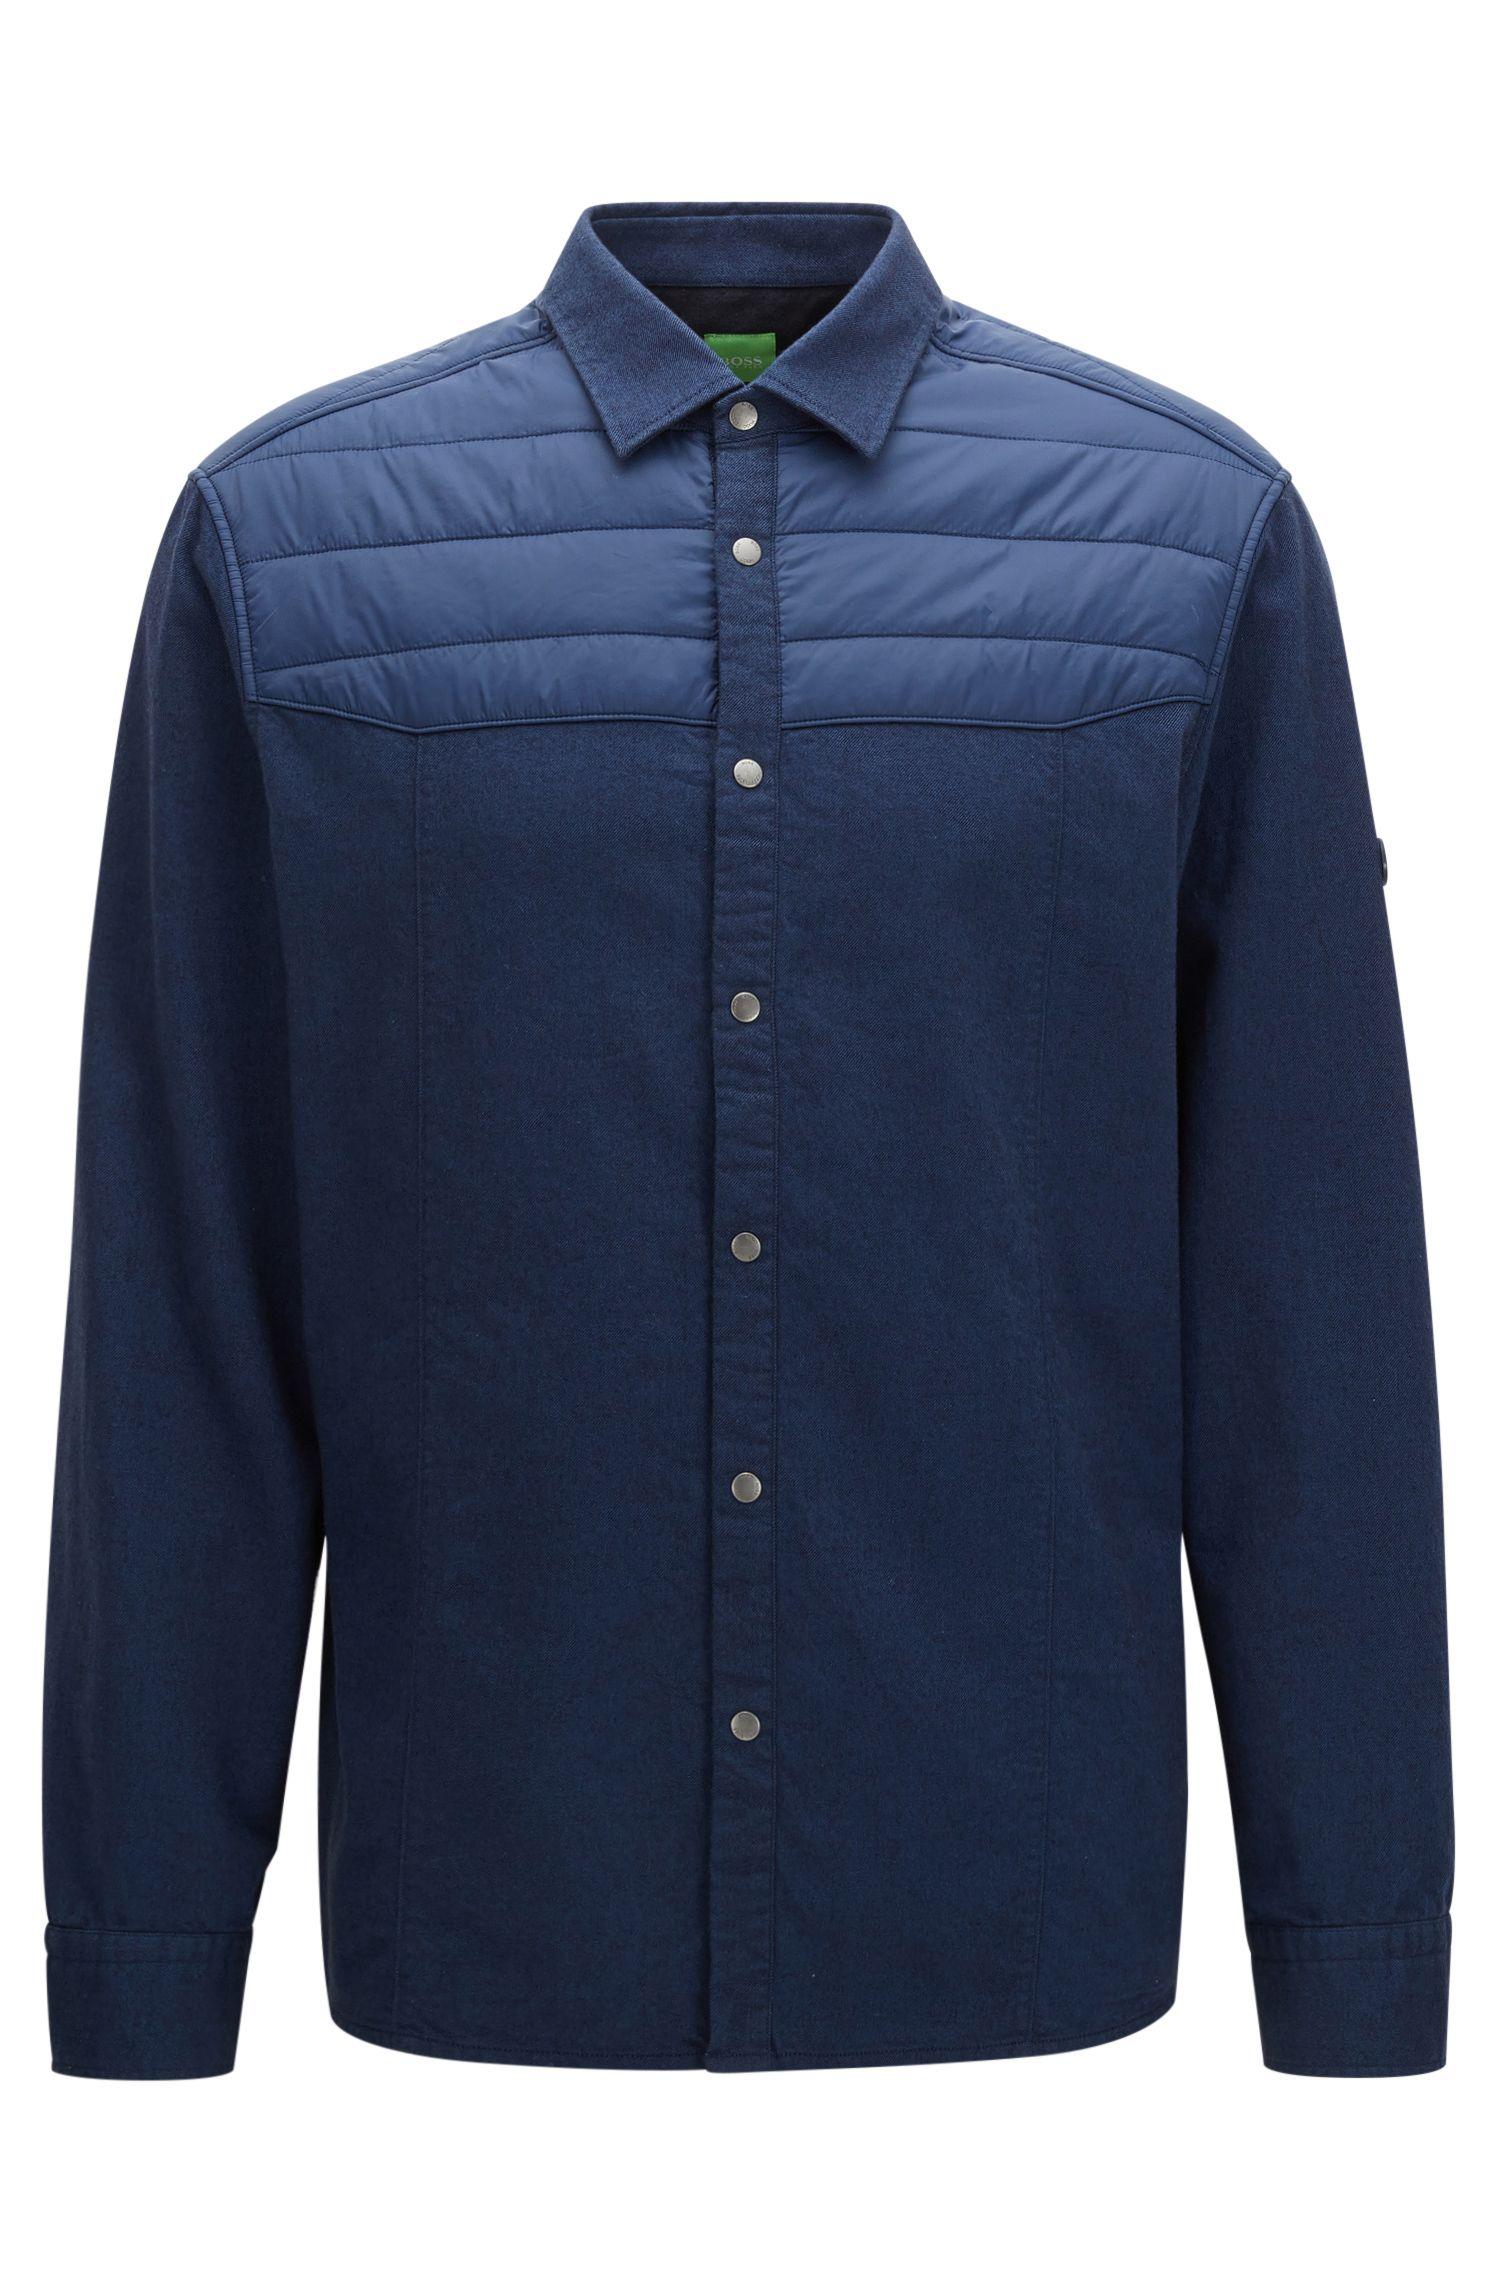 Teilweise wattiertes Relaxed-Fit Hemd aus Baumwolle